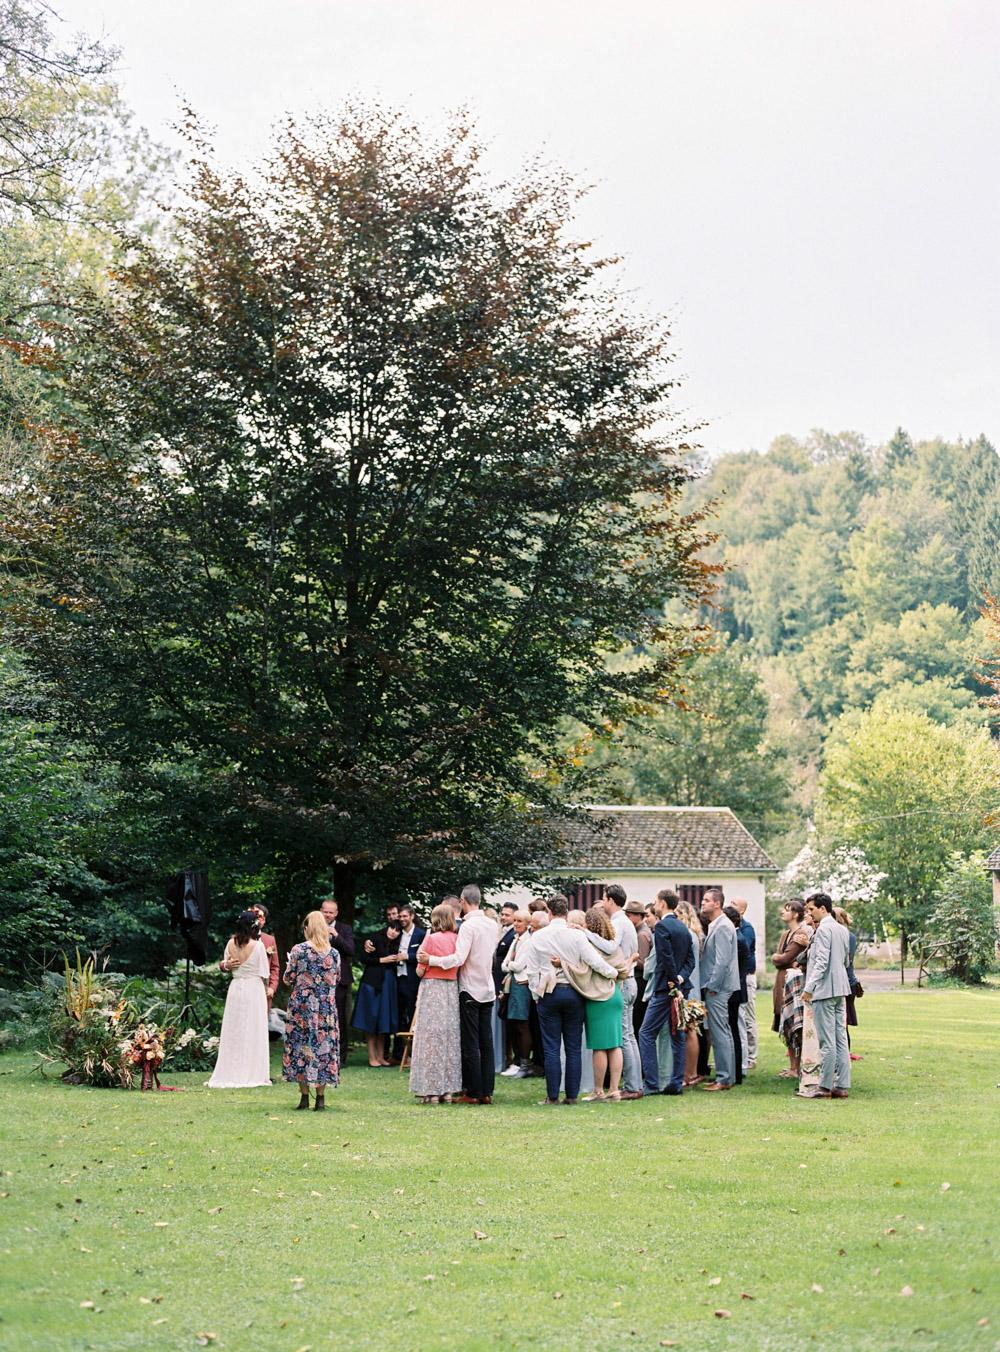 camp sol wedding weekend - wesley nulens-106.jpg